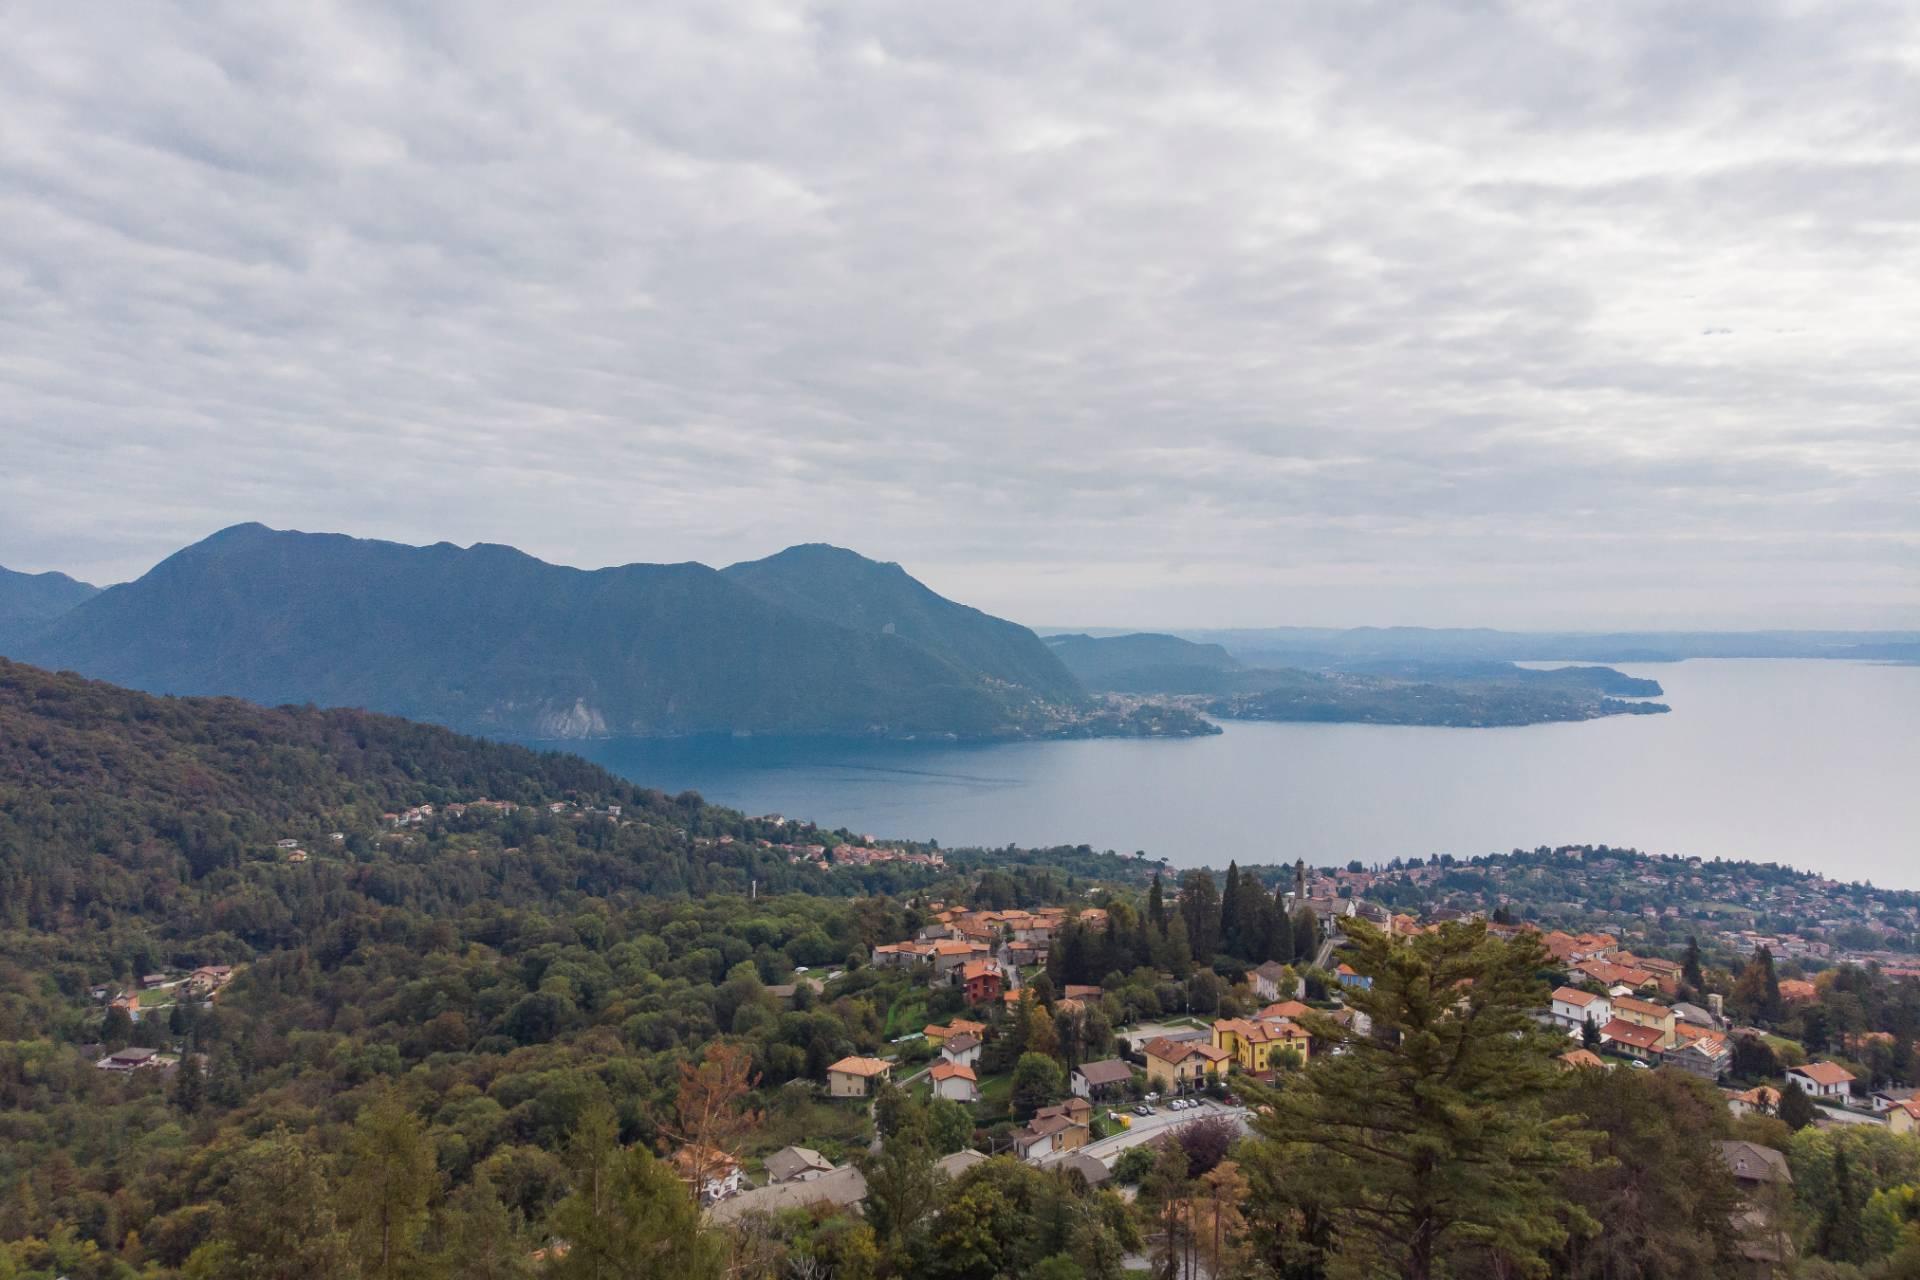 Villa unifamiliare nella zona collinare di Verbania con vista magnifica sul lago - 8